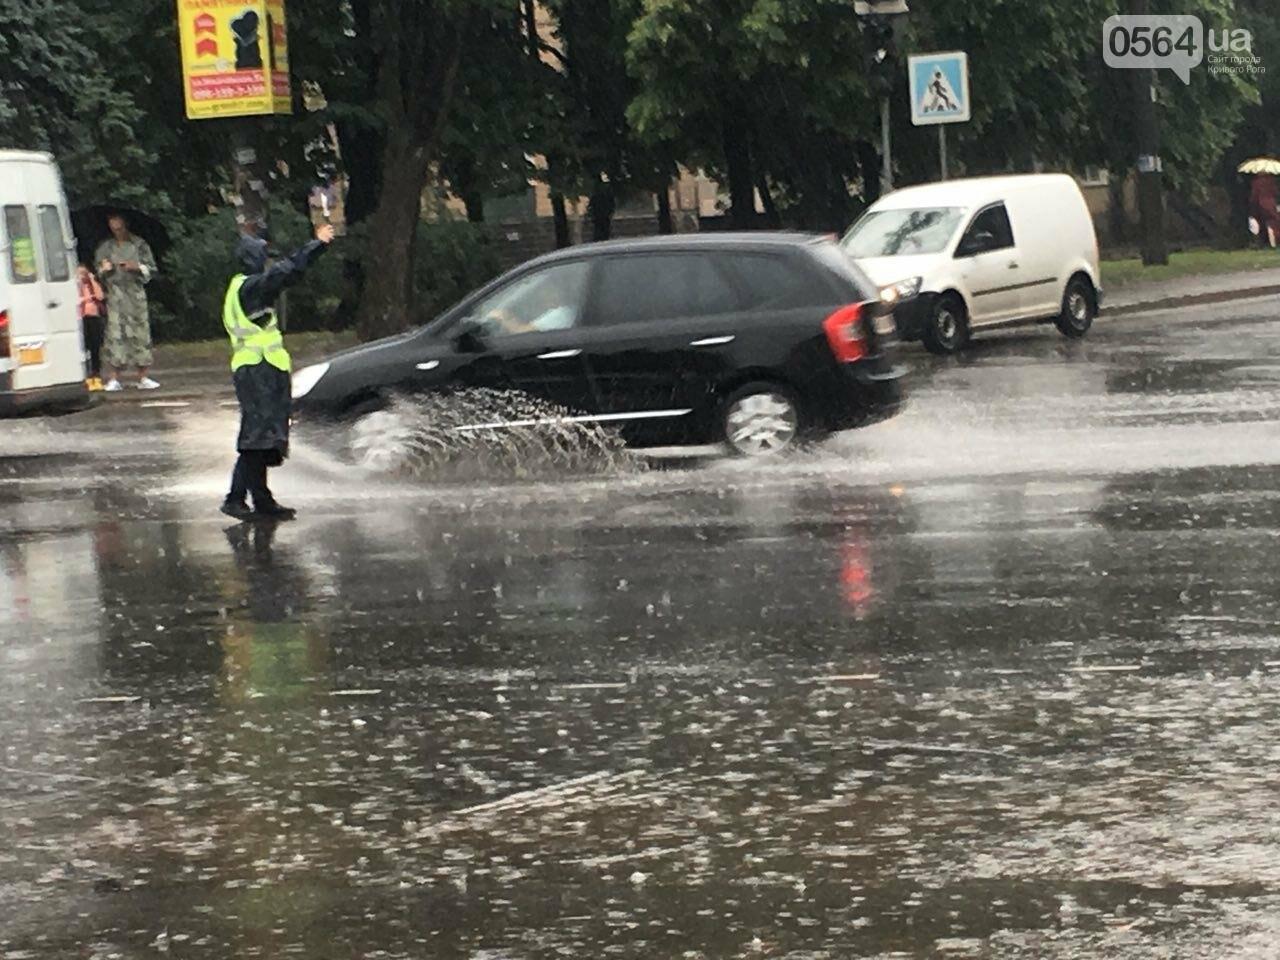 В Кривом Роге под дождем на перекрестке столкнулись иномарка и ВАЗ, - ФОТО, фото-4